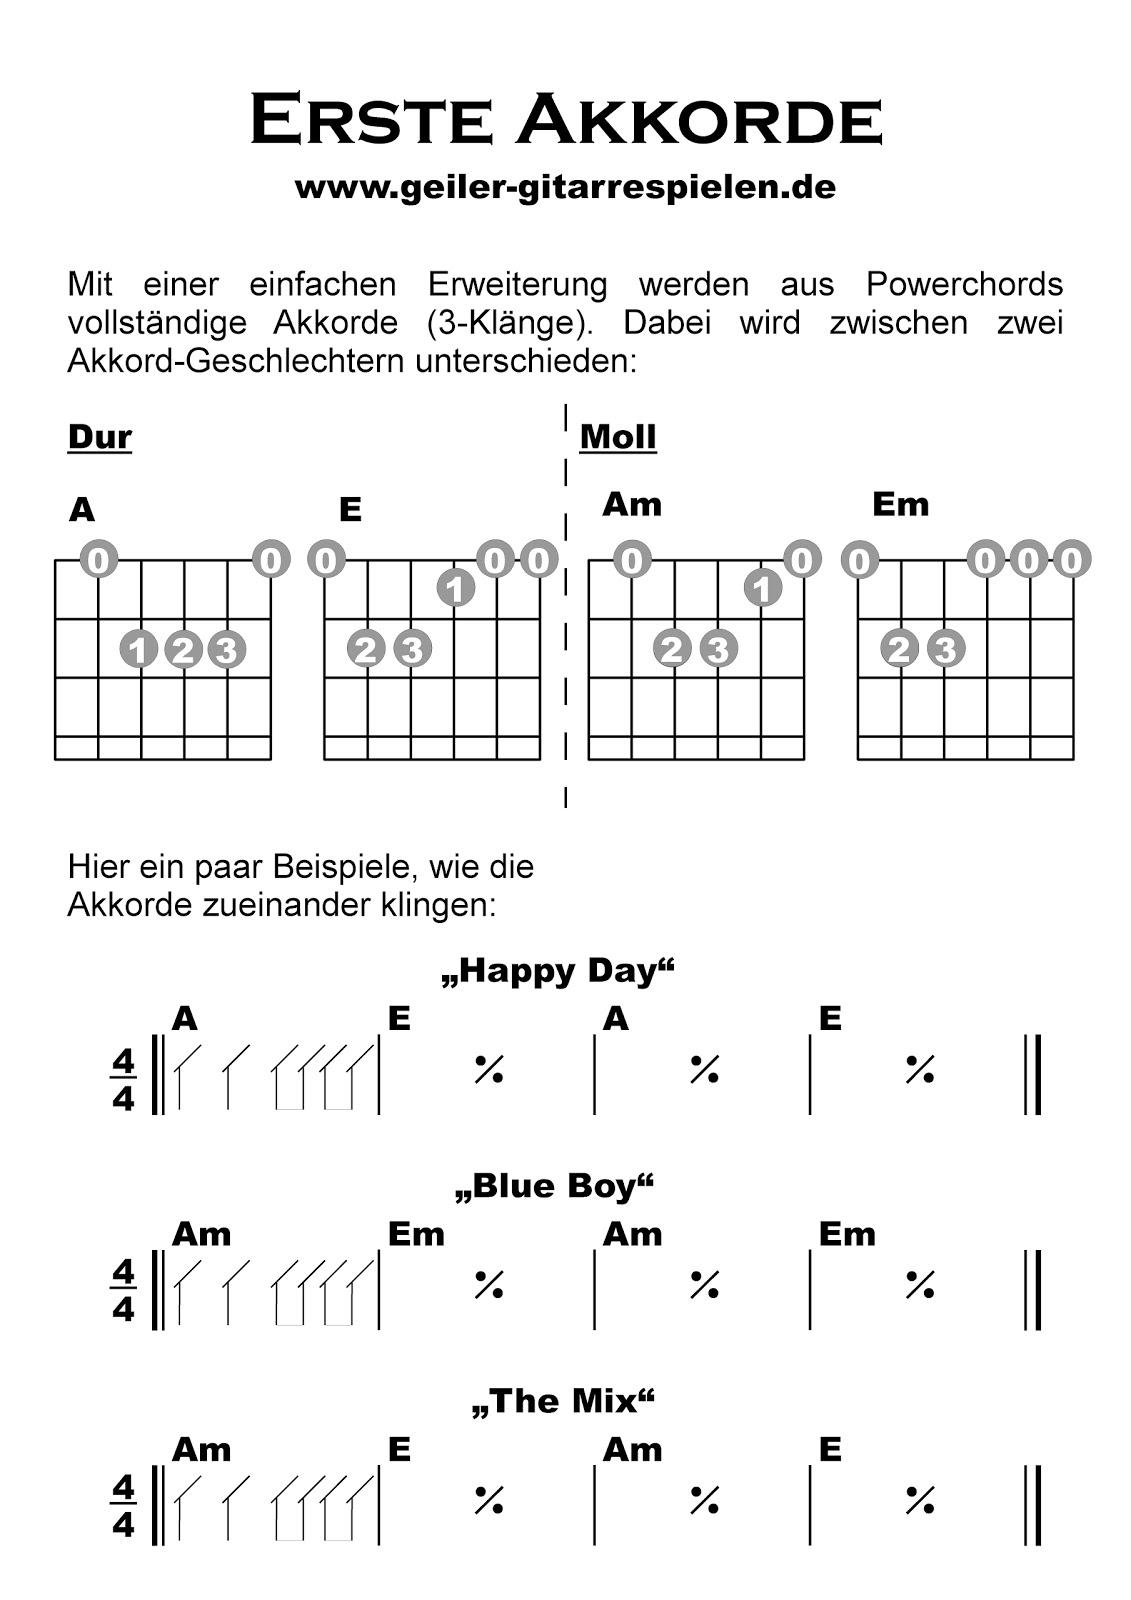 Erste Akkorde | Einfach geiler Gitarre spielen!